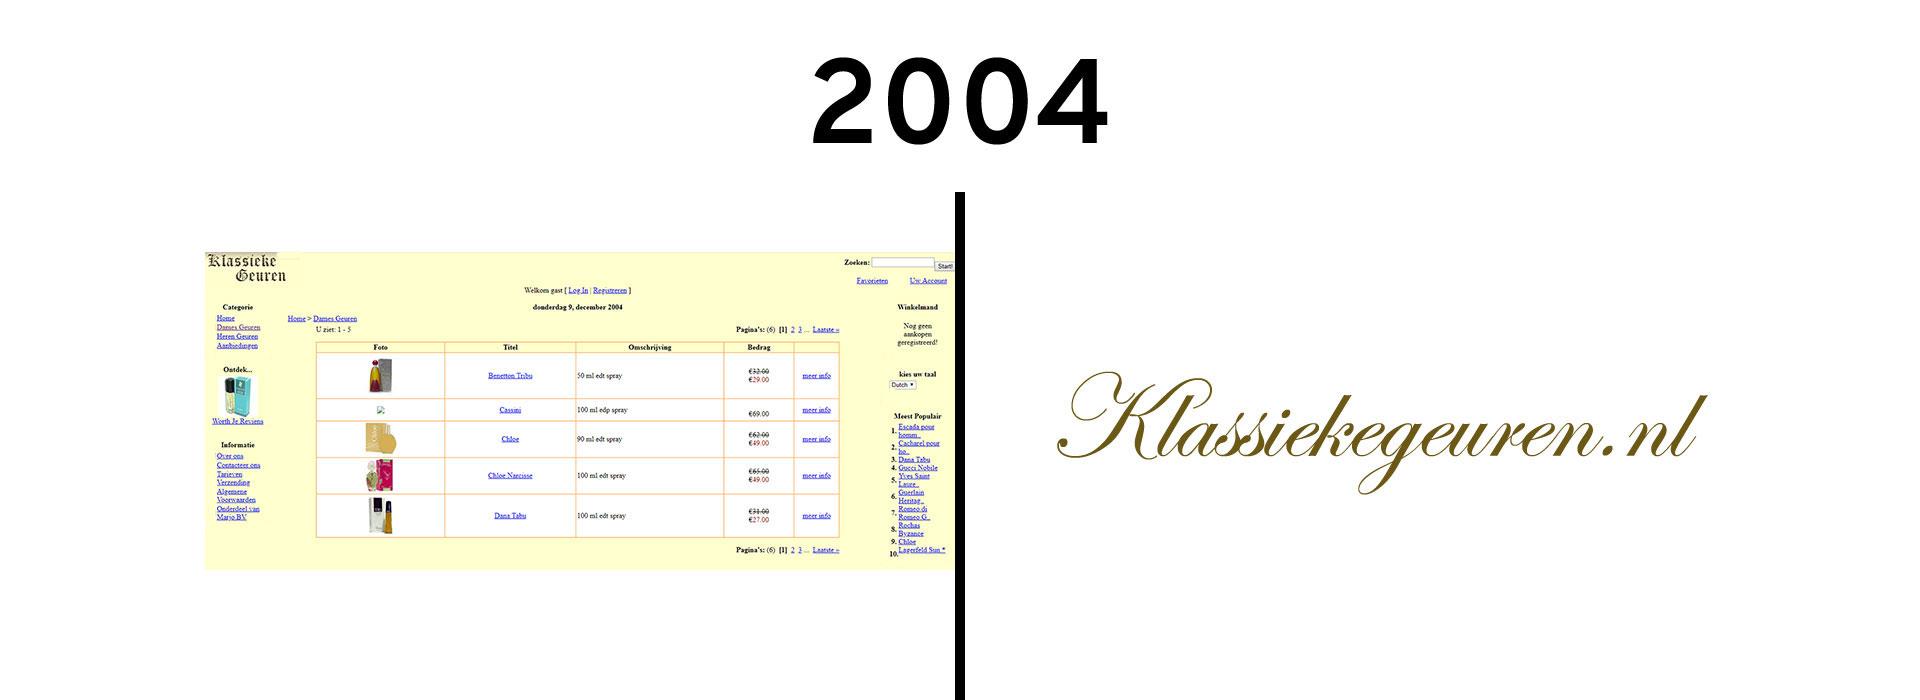 2004 een echte webshop met voornamelijk klassieke parfums